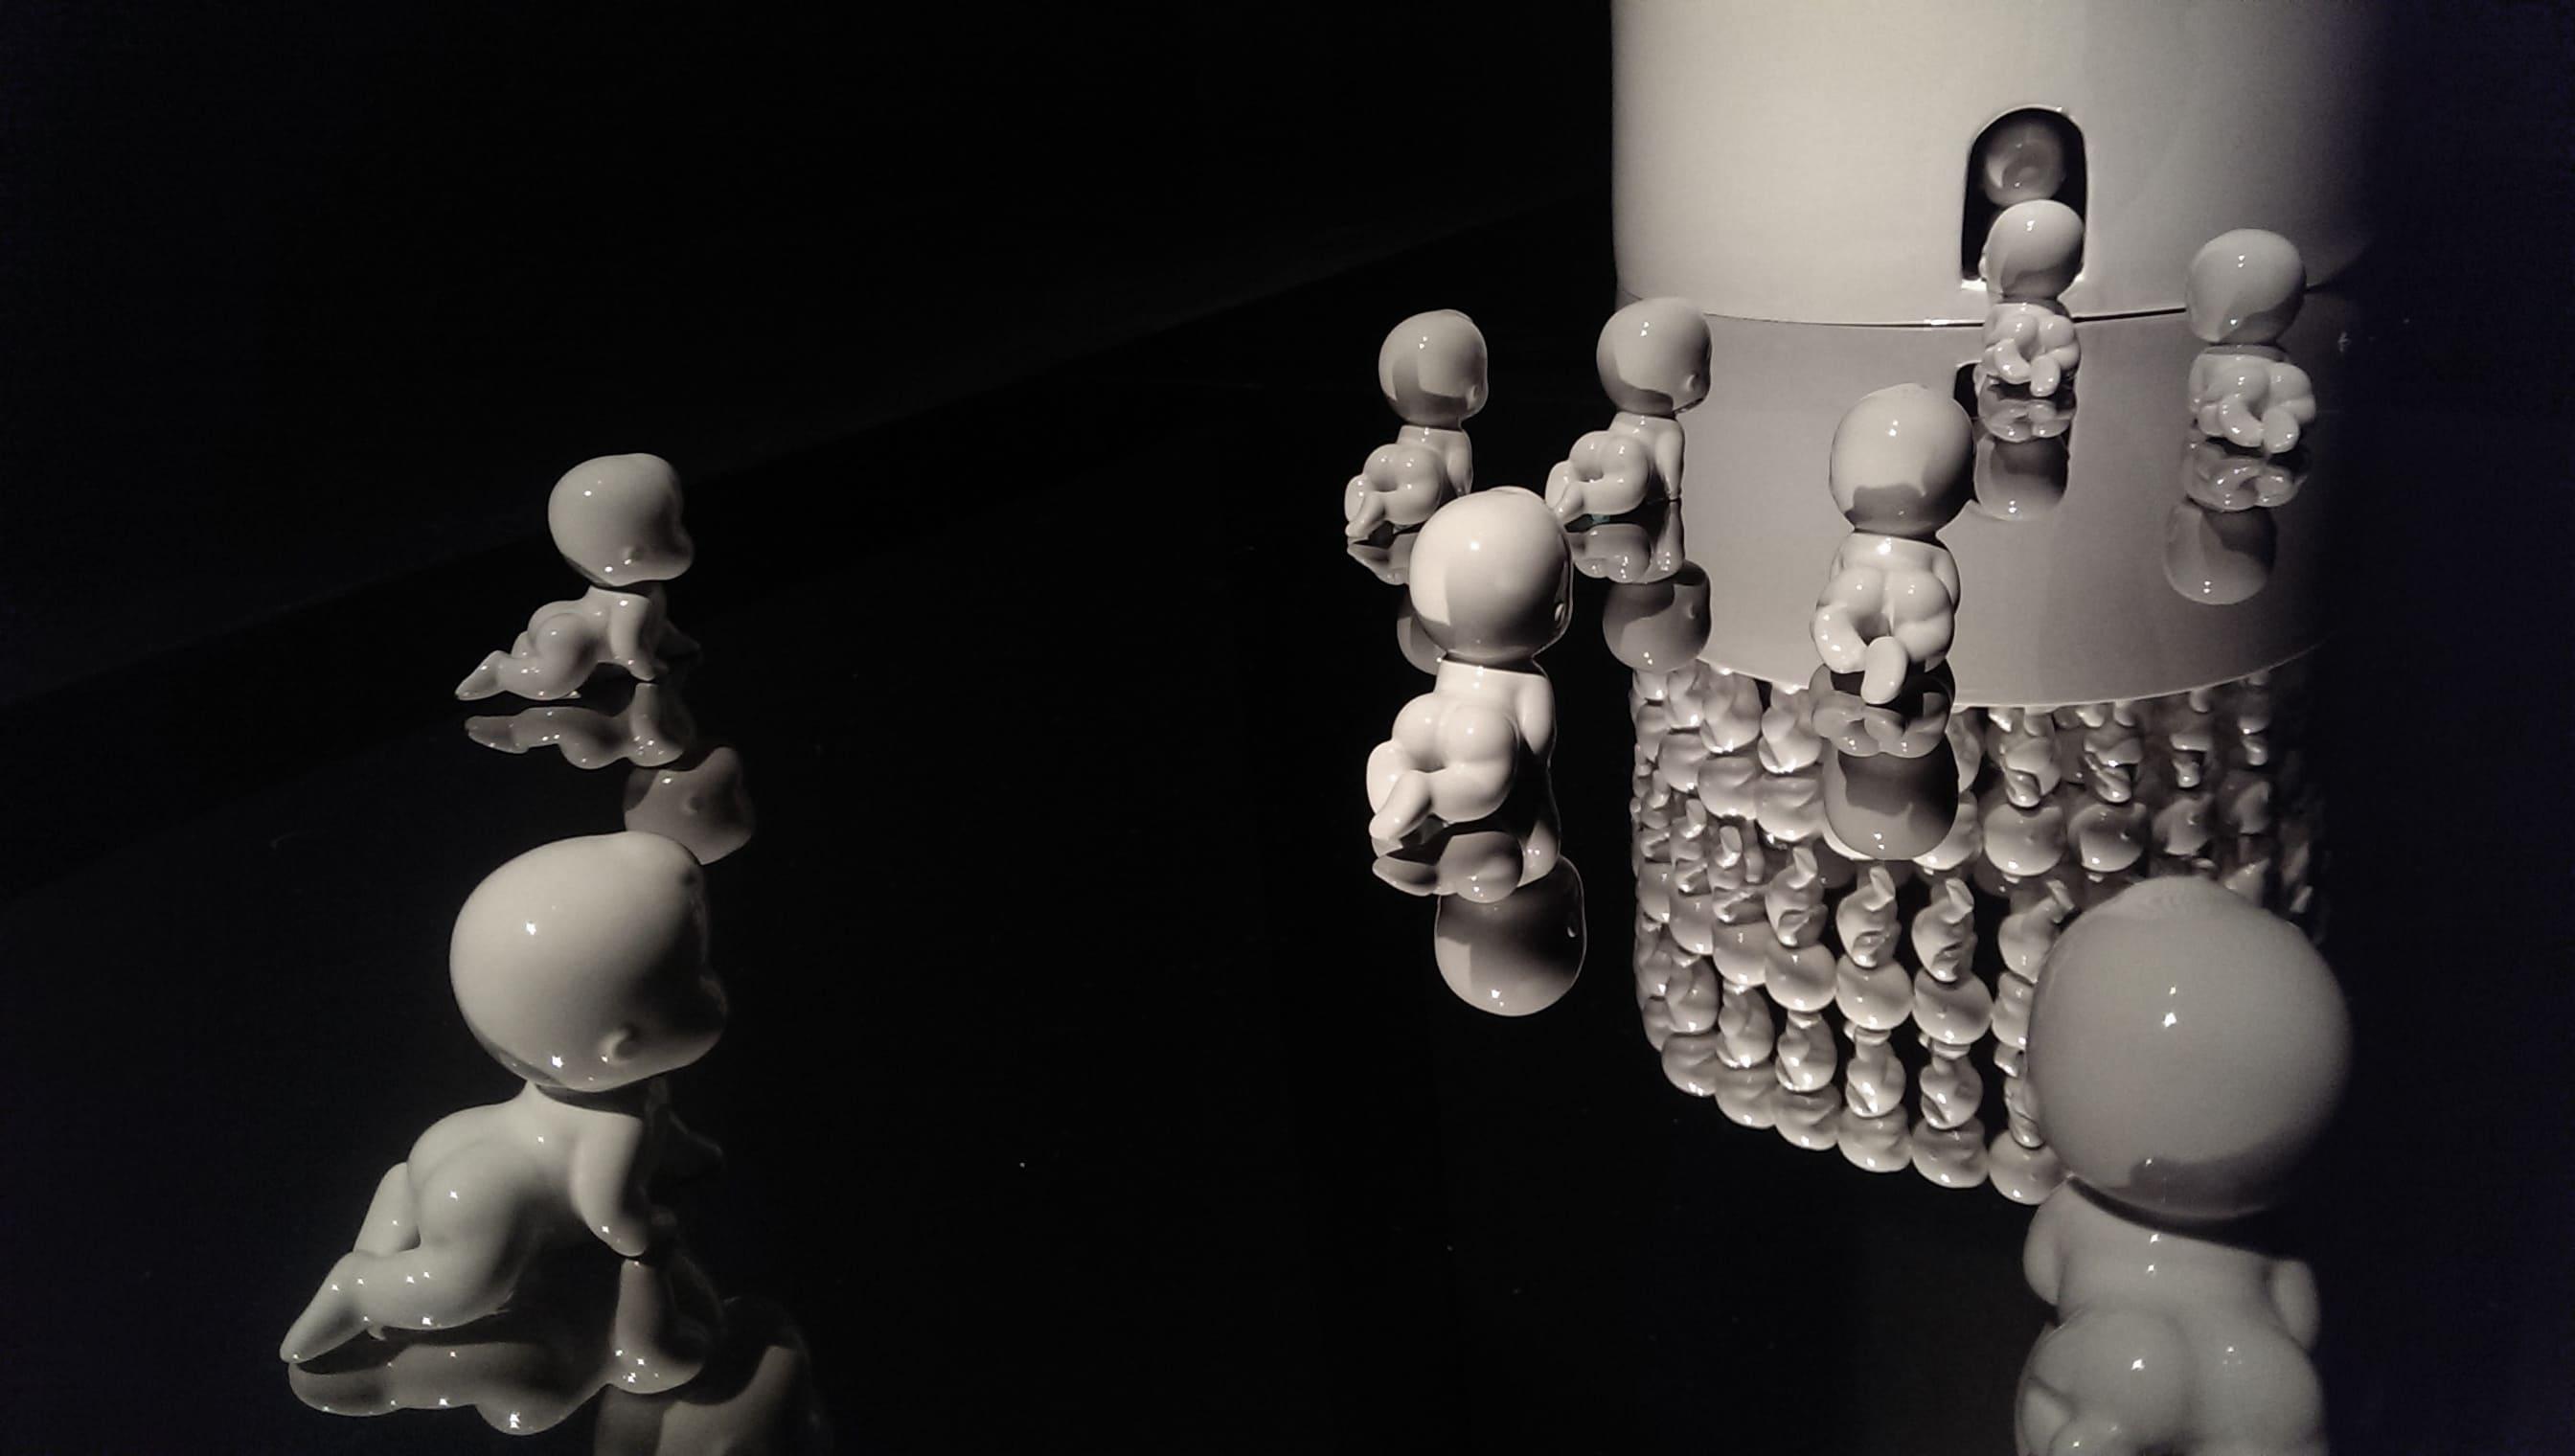 陶瓷博物館 / Yingge Ceramics Museum